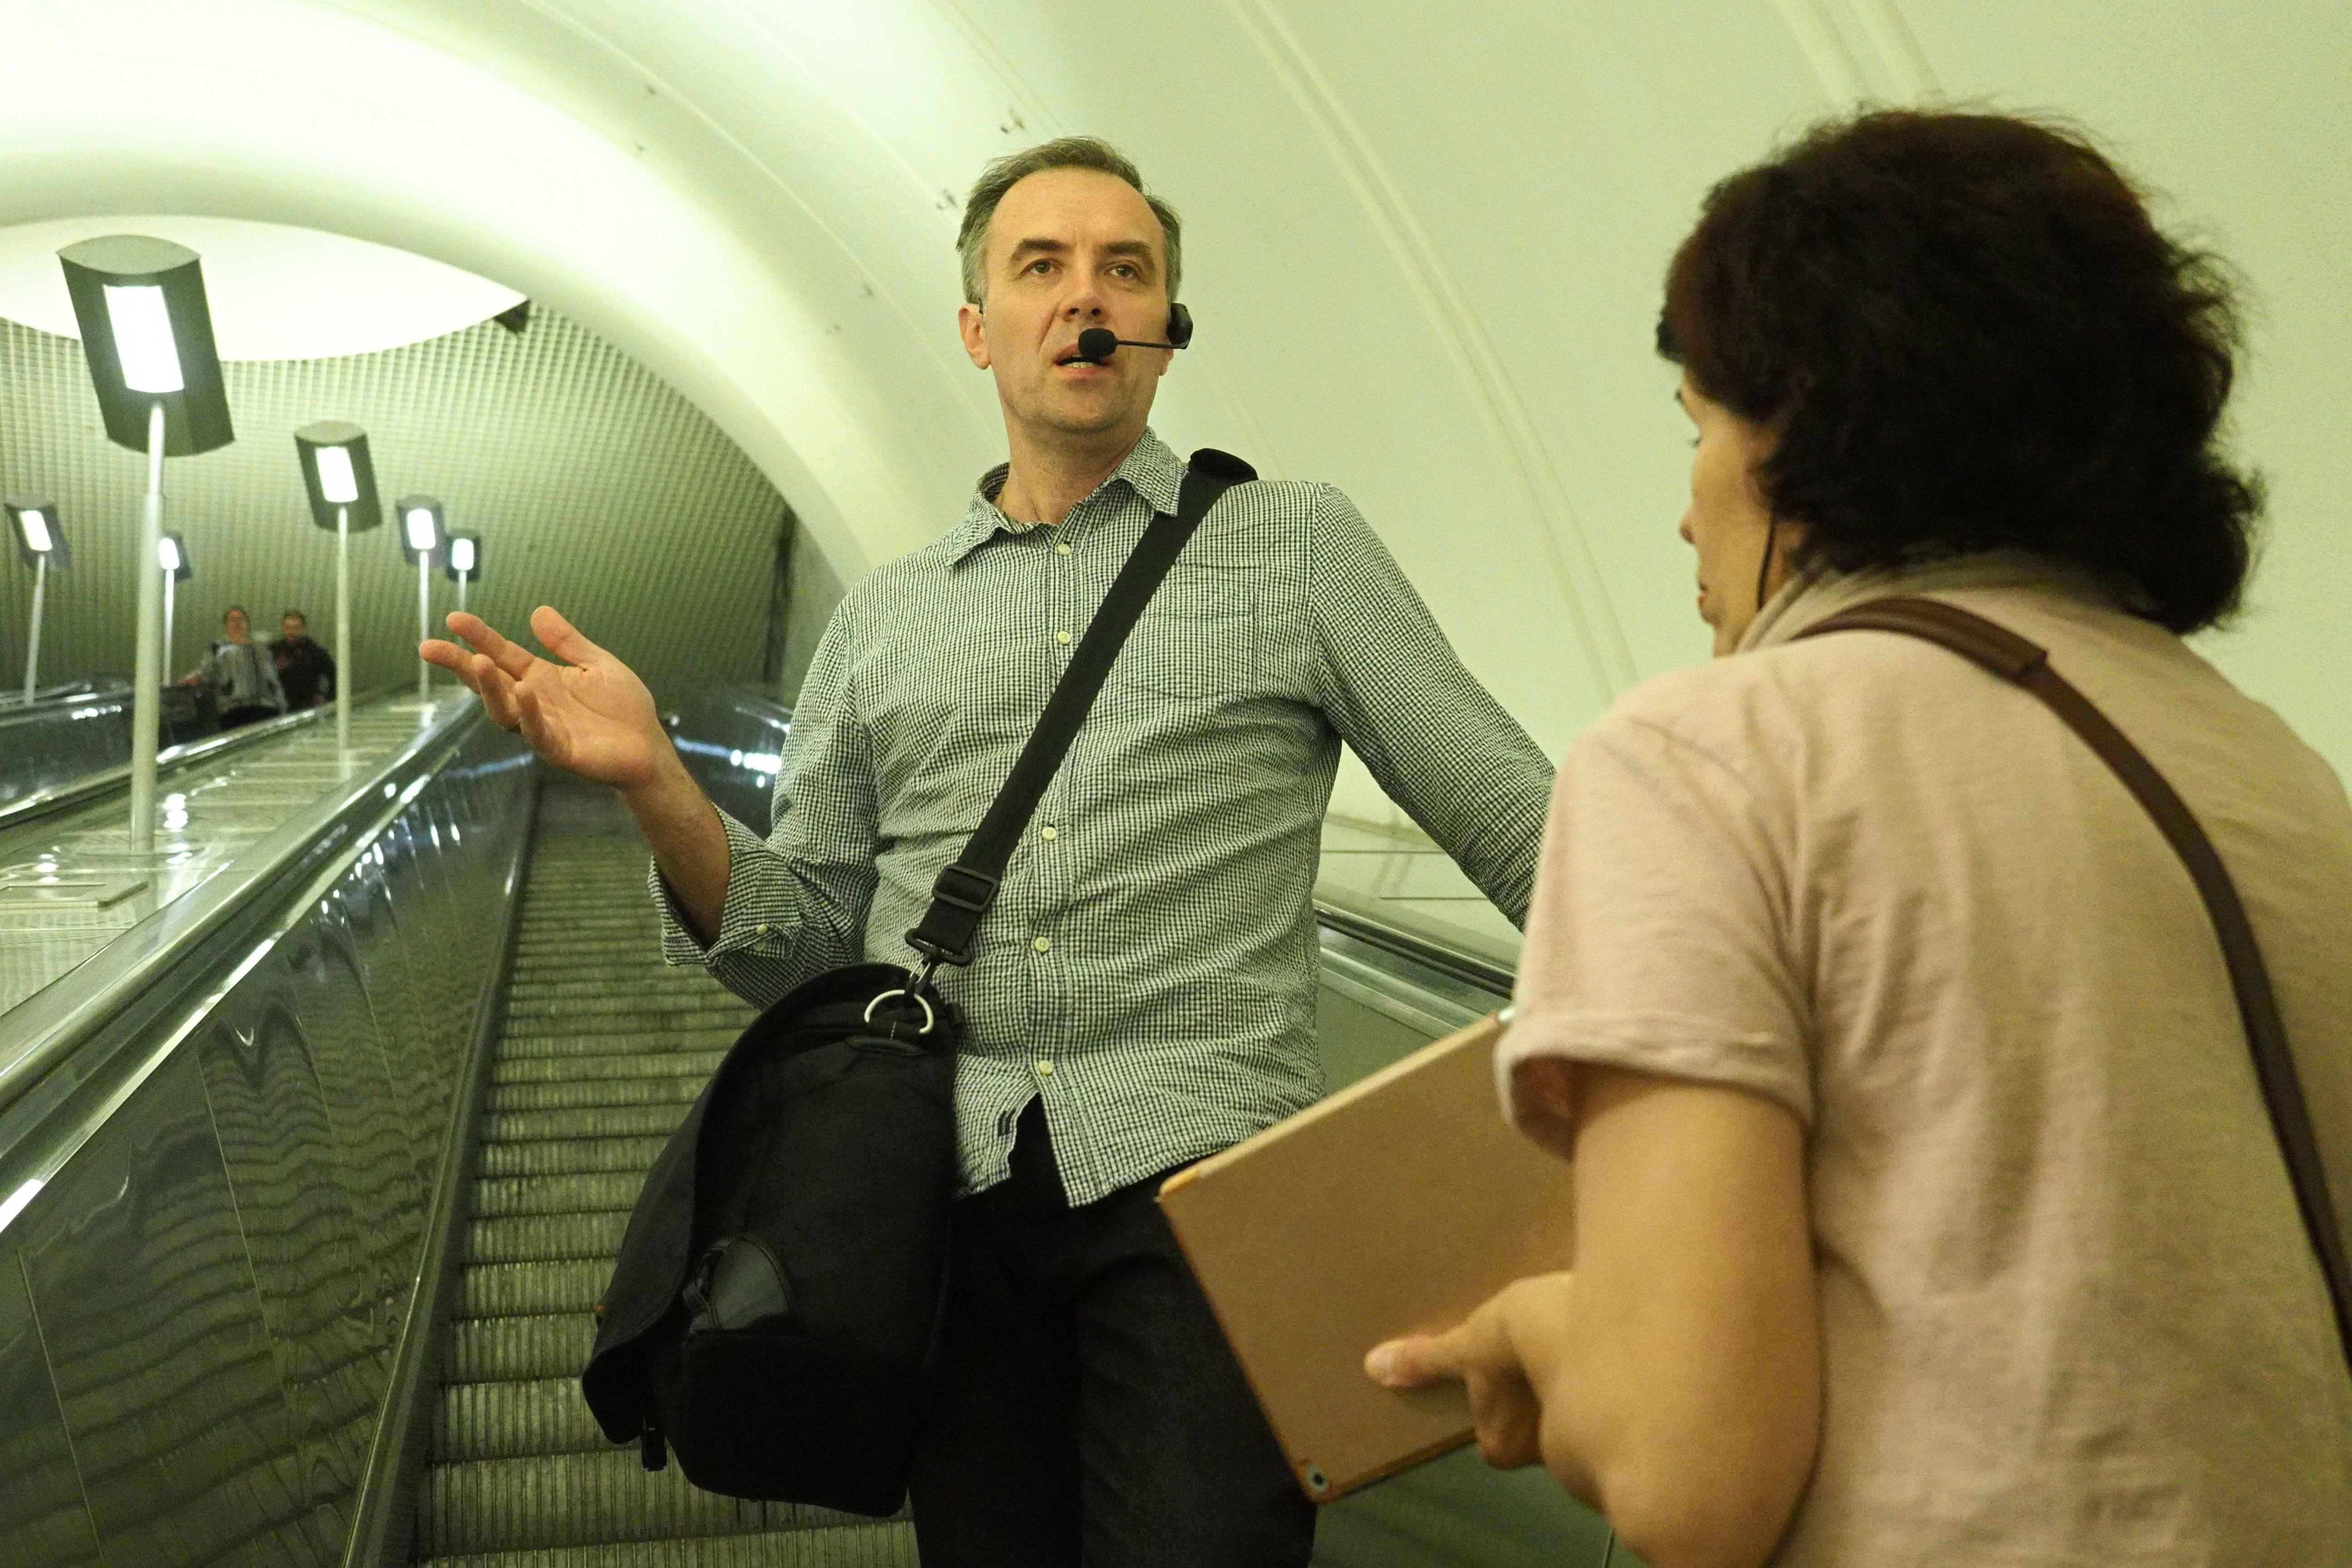 Более 2,5 тысячи человек посетили экскурсии в метро Москвы